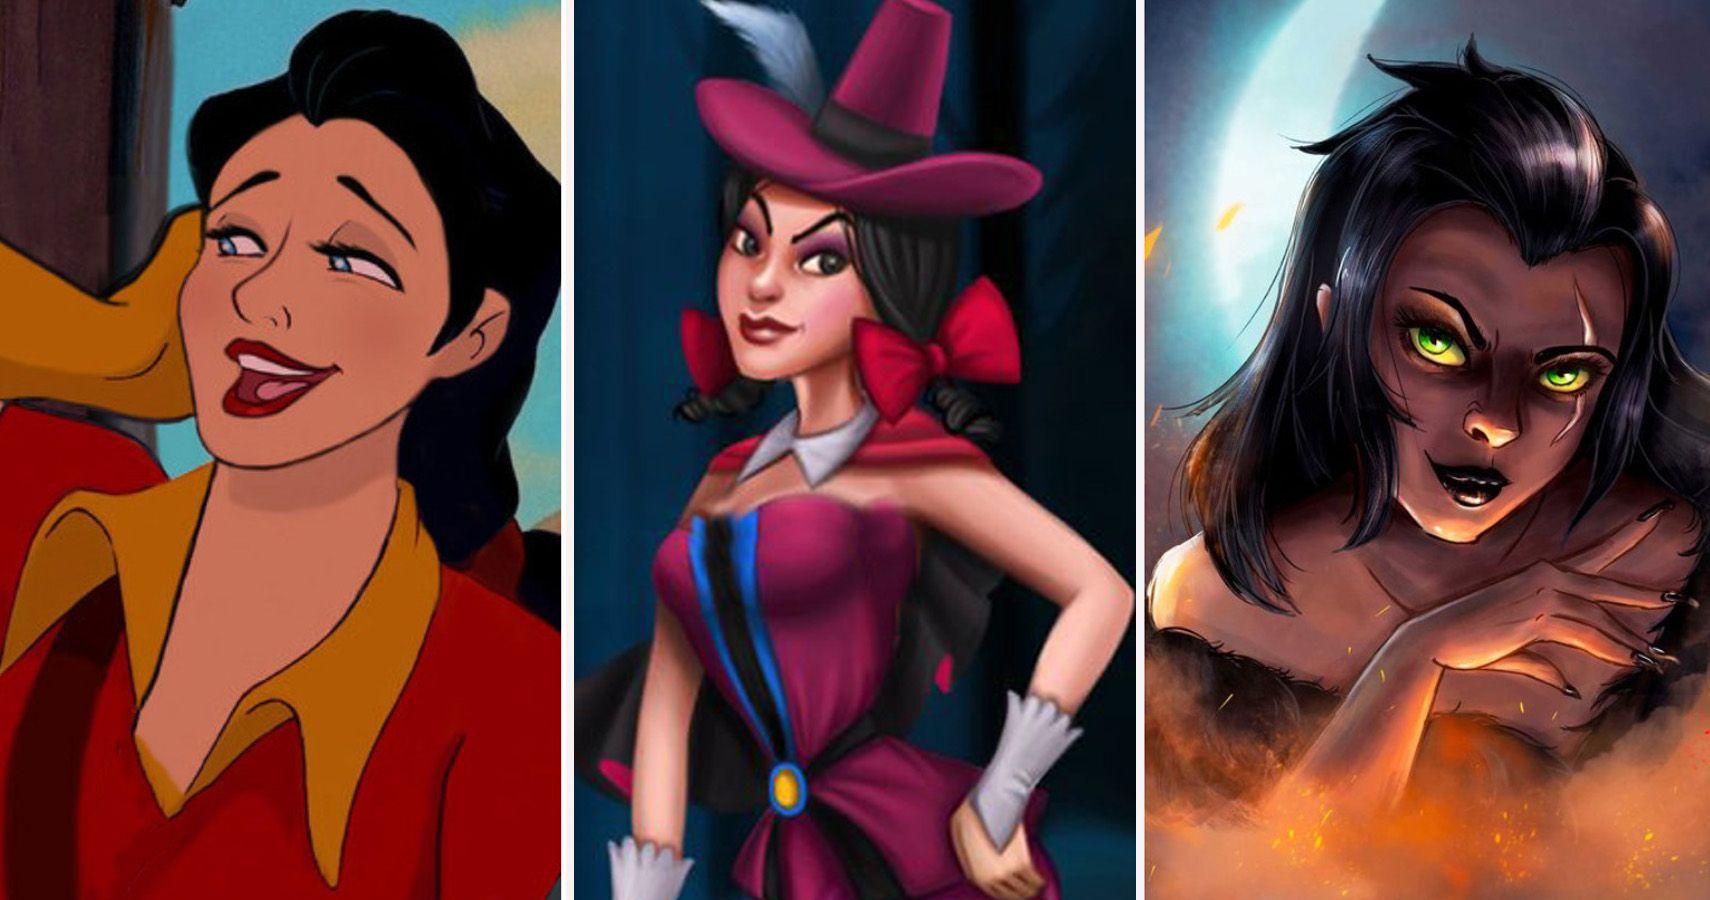 20 Disney Villains Reimagined As Girls Thegamer